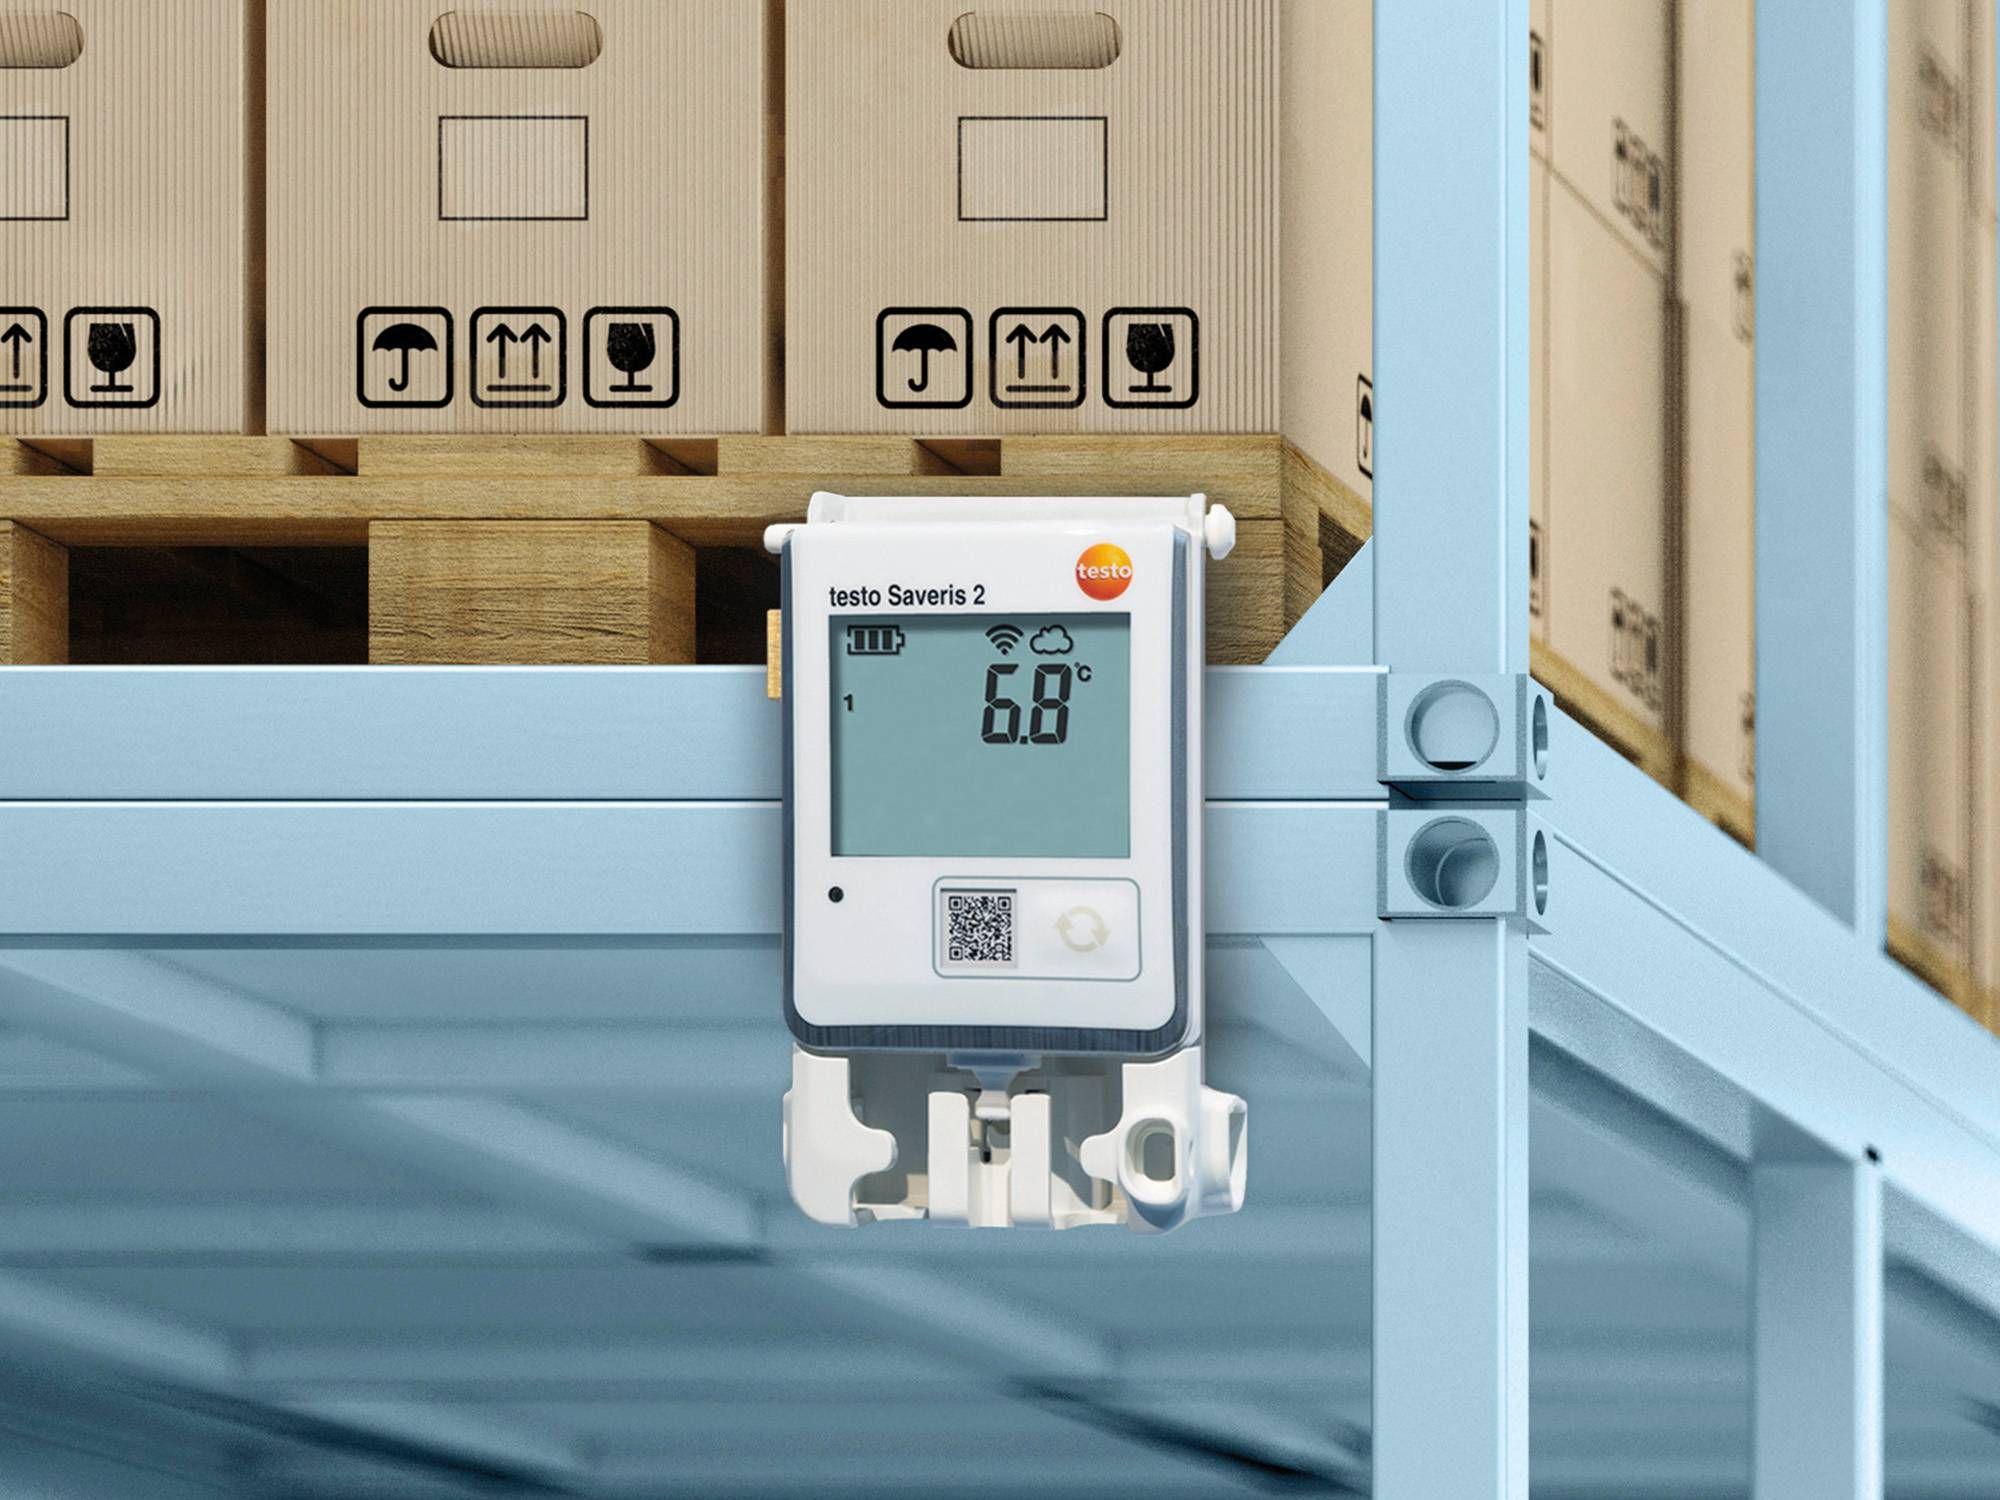 医药仓库中使用testo Saveris 2无线电数据记录仪系统的IAQ监测